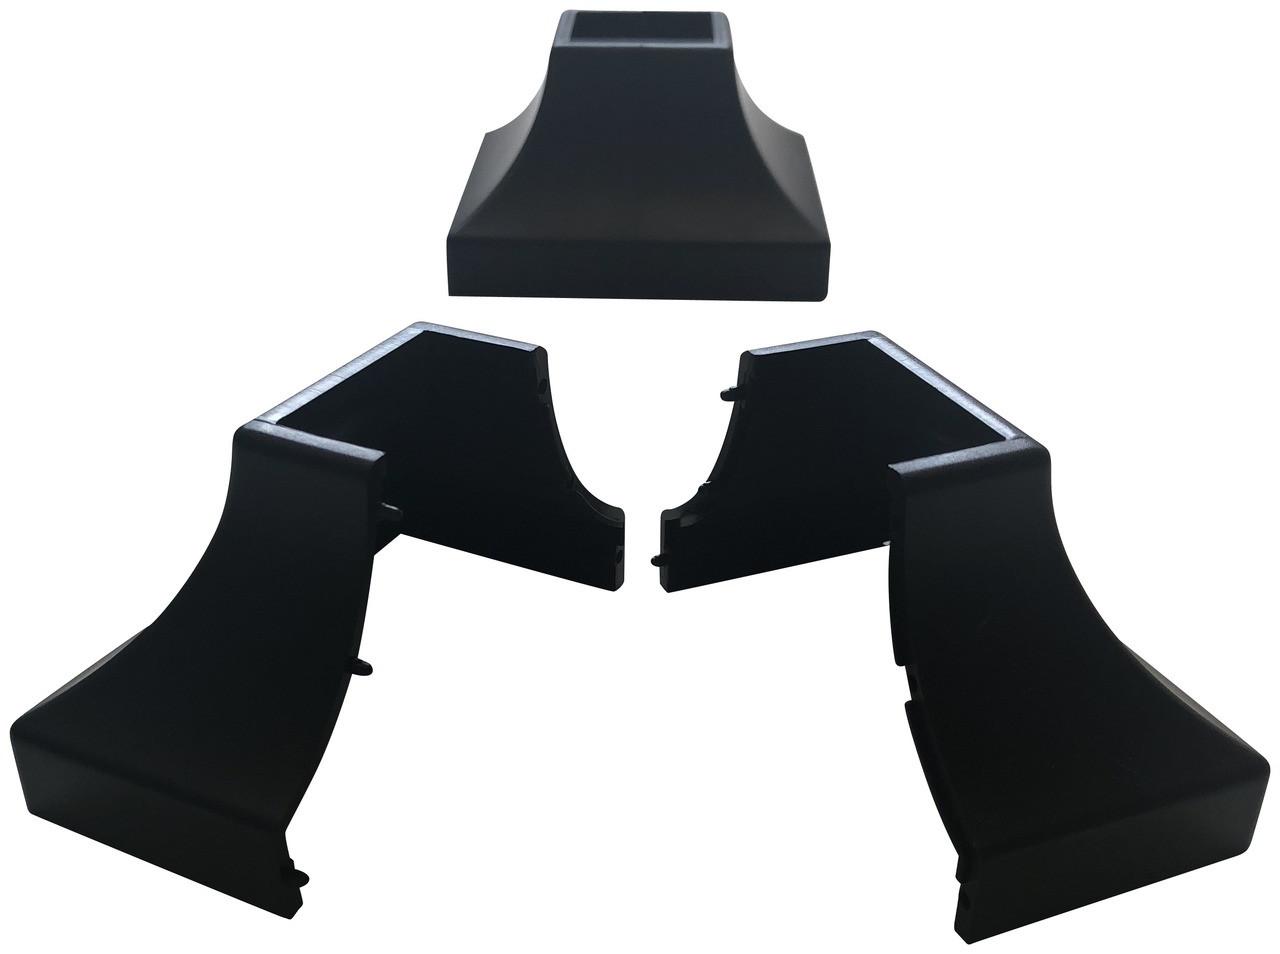 2 abs plastic square